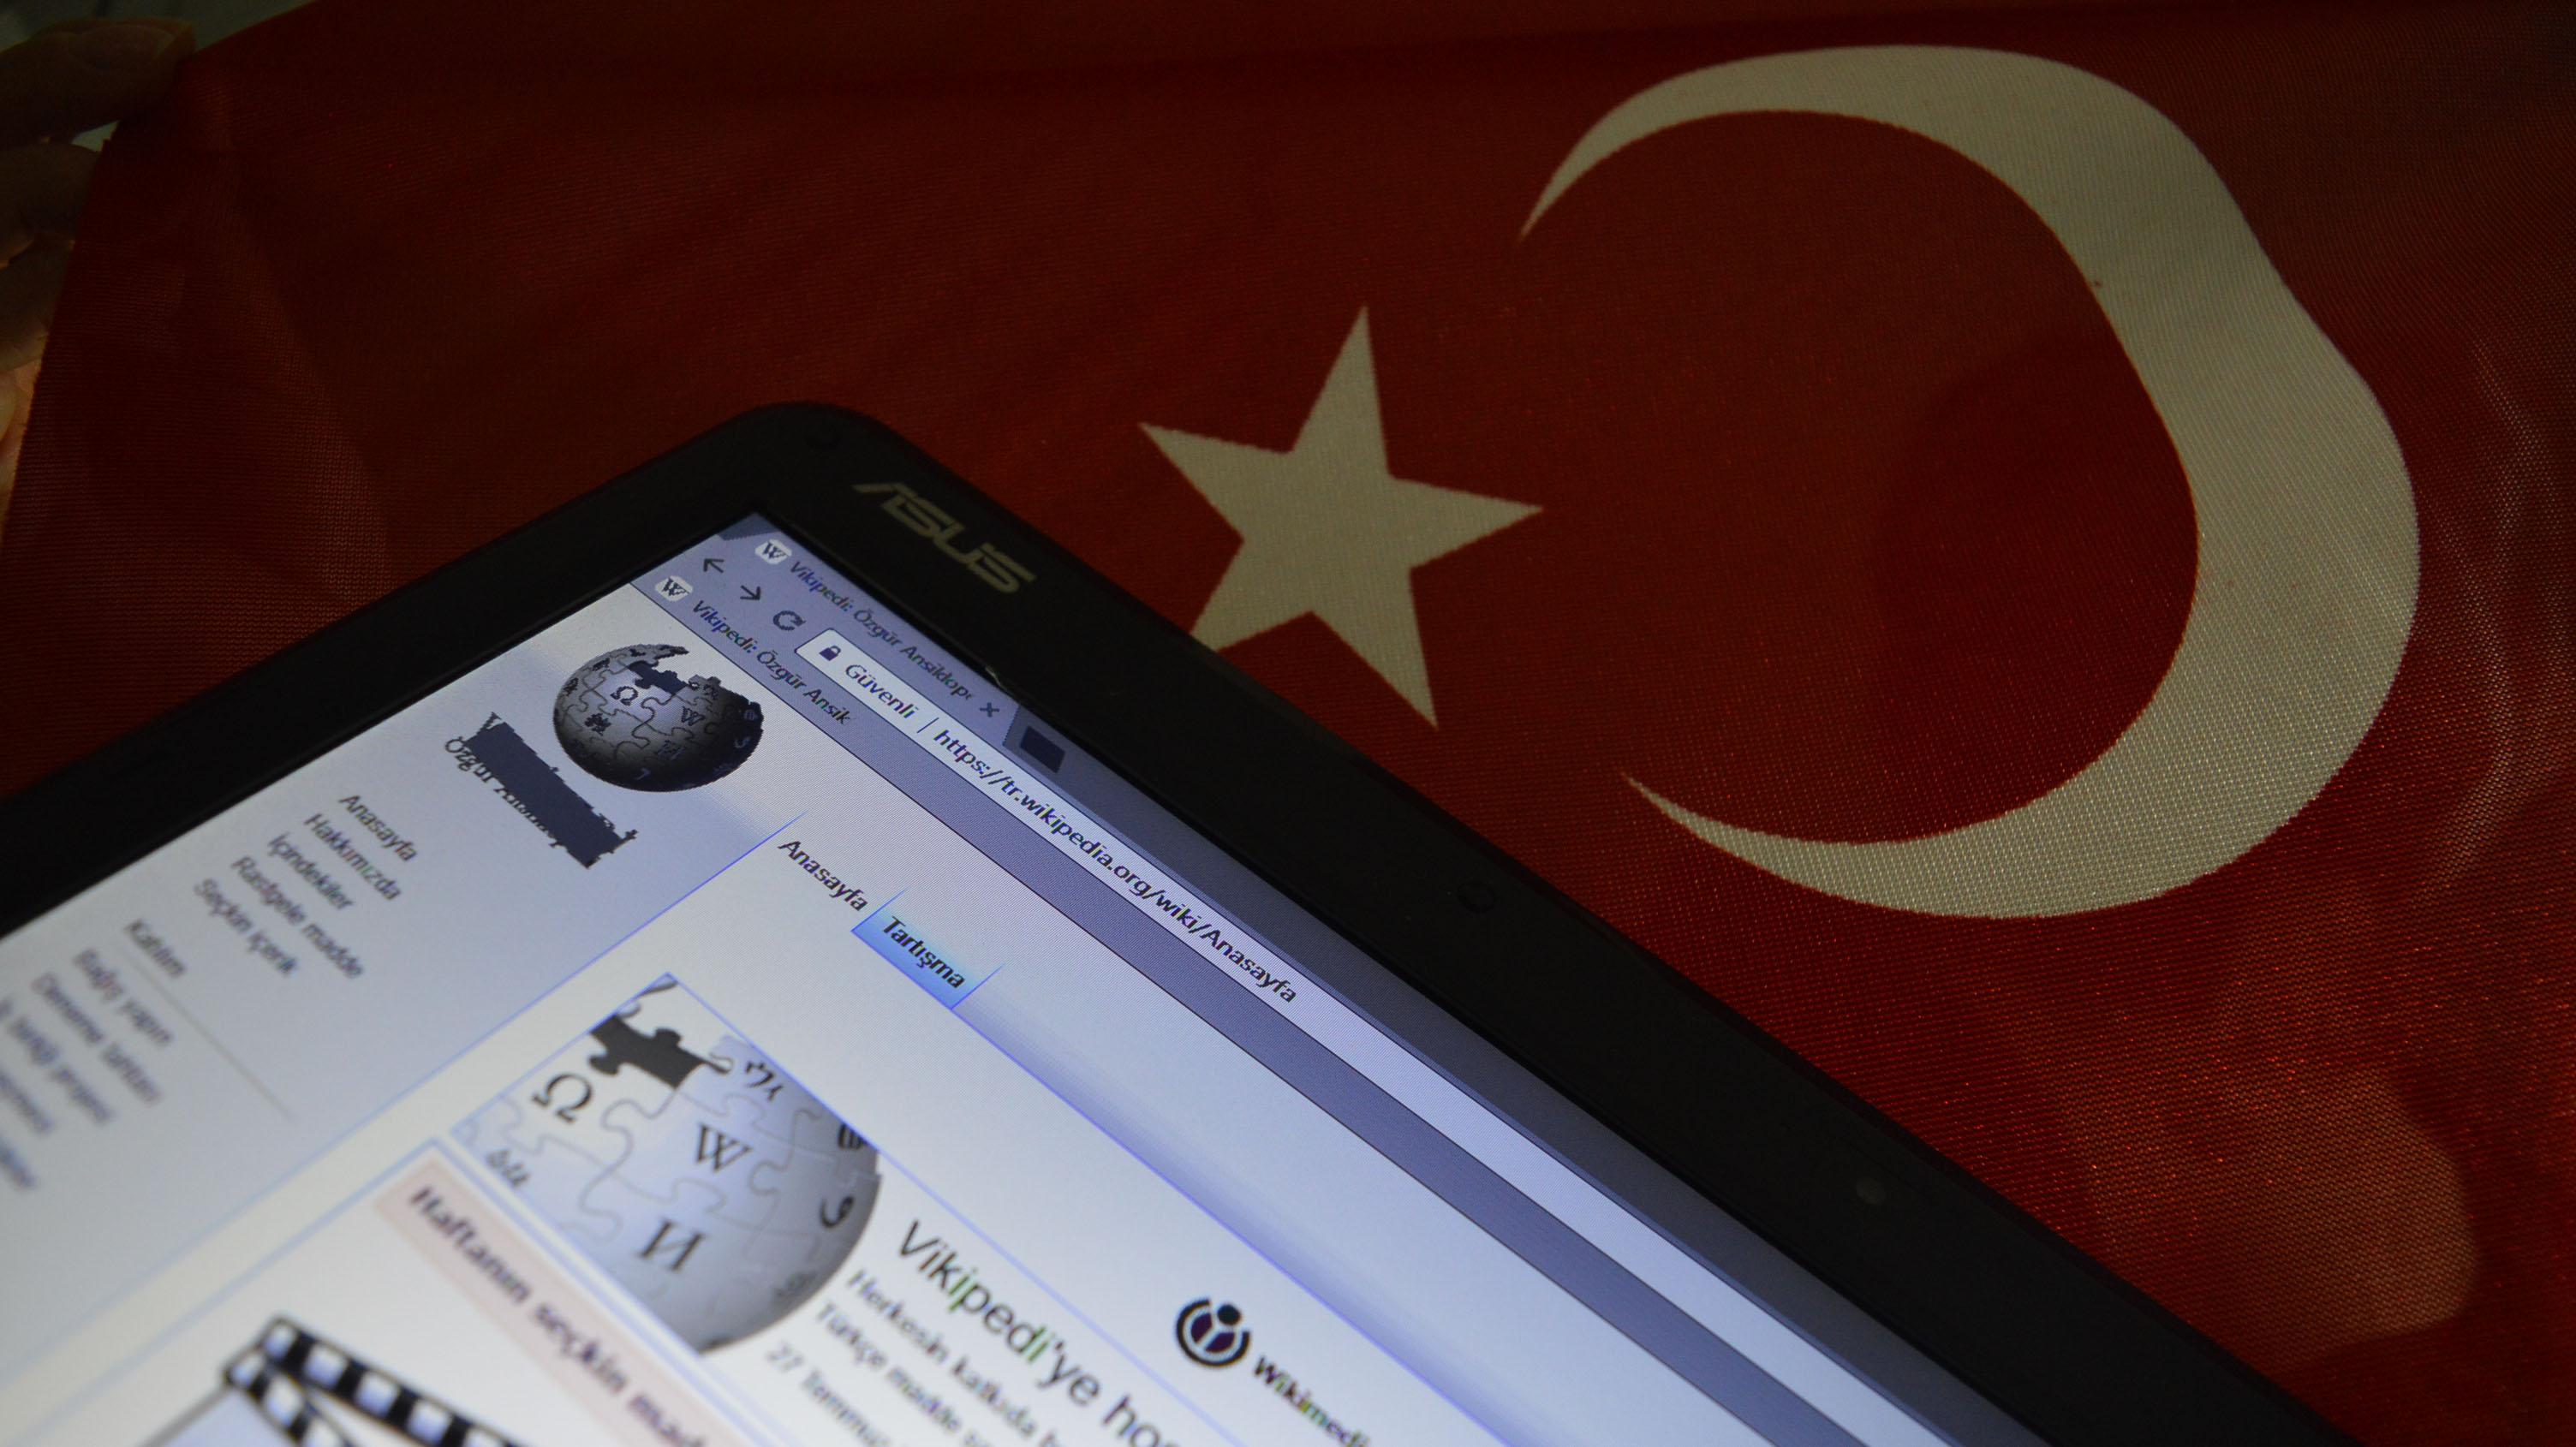 Il 29 agosto 2017 il governo turco aveva bloccato l'accesso a Wikipedia nel paese. (crediti foto: Altan Gocher/NurPhoto via Getty Images)